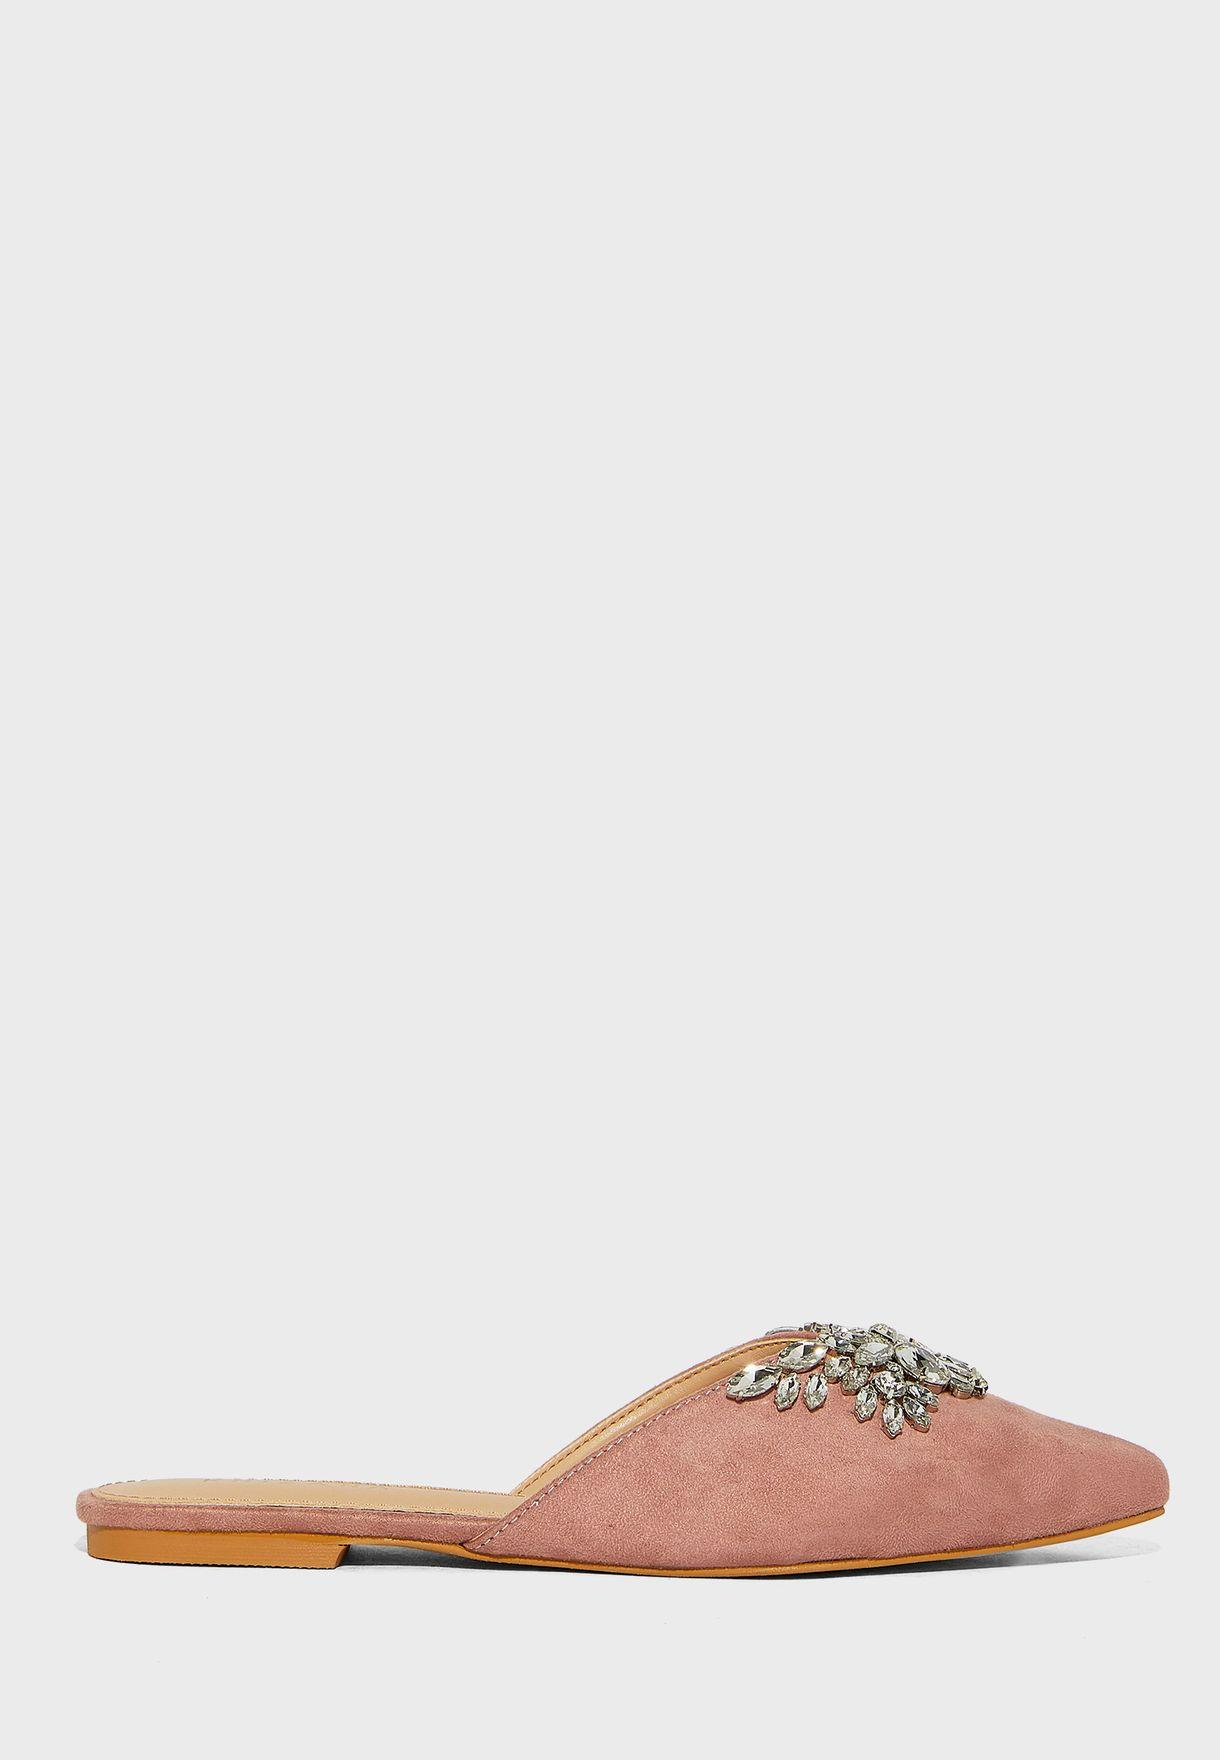 حذاء فلات بمقدمة مدببة